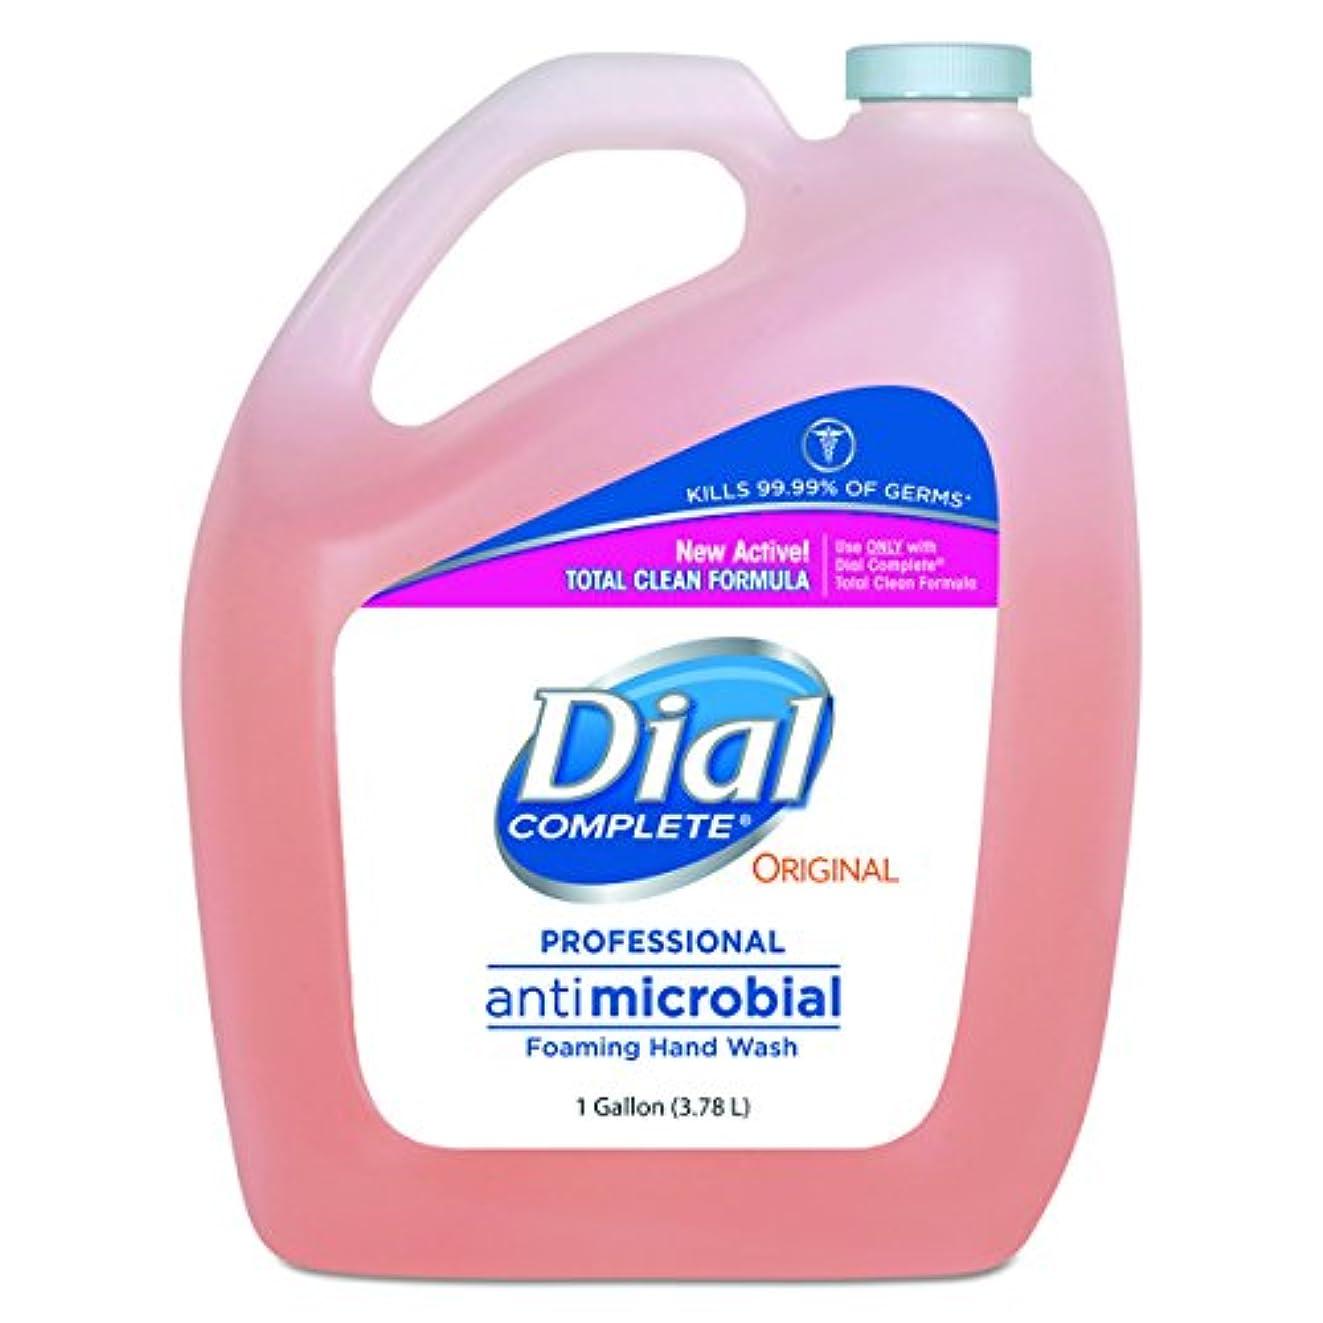 硫黄分類する起きているダイヤルProfessional抗菌Foaming Hand Soap、元香り, 1 gal。、4 /カートン